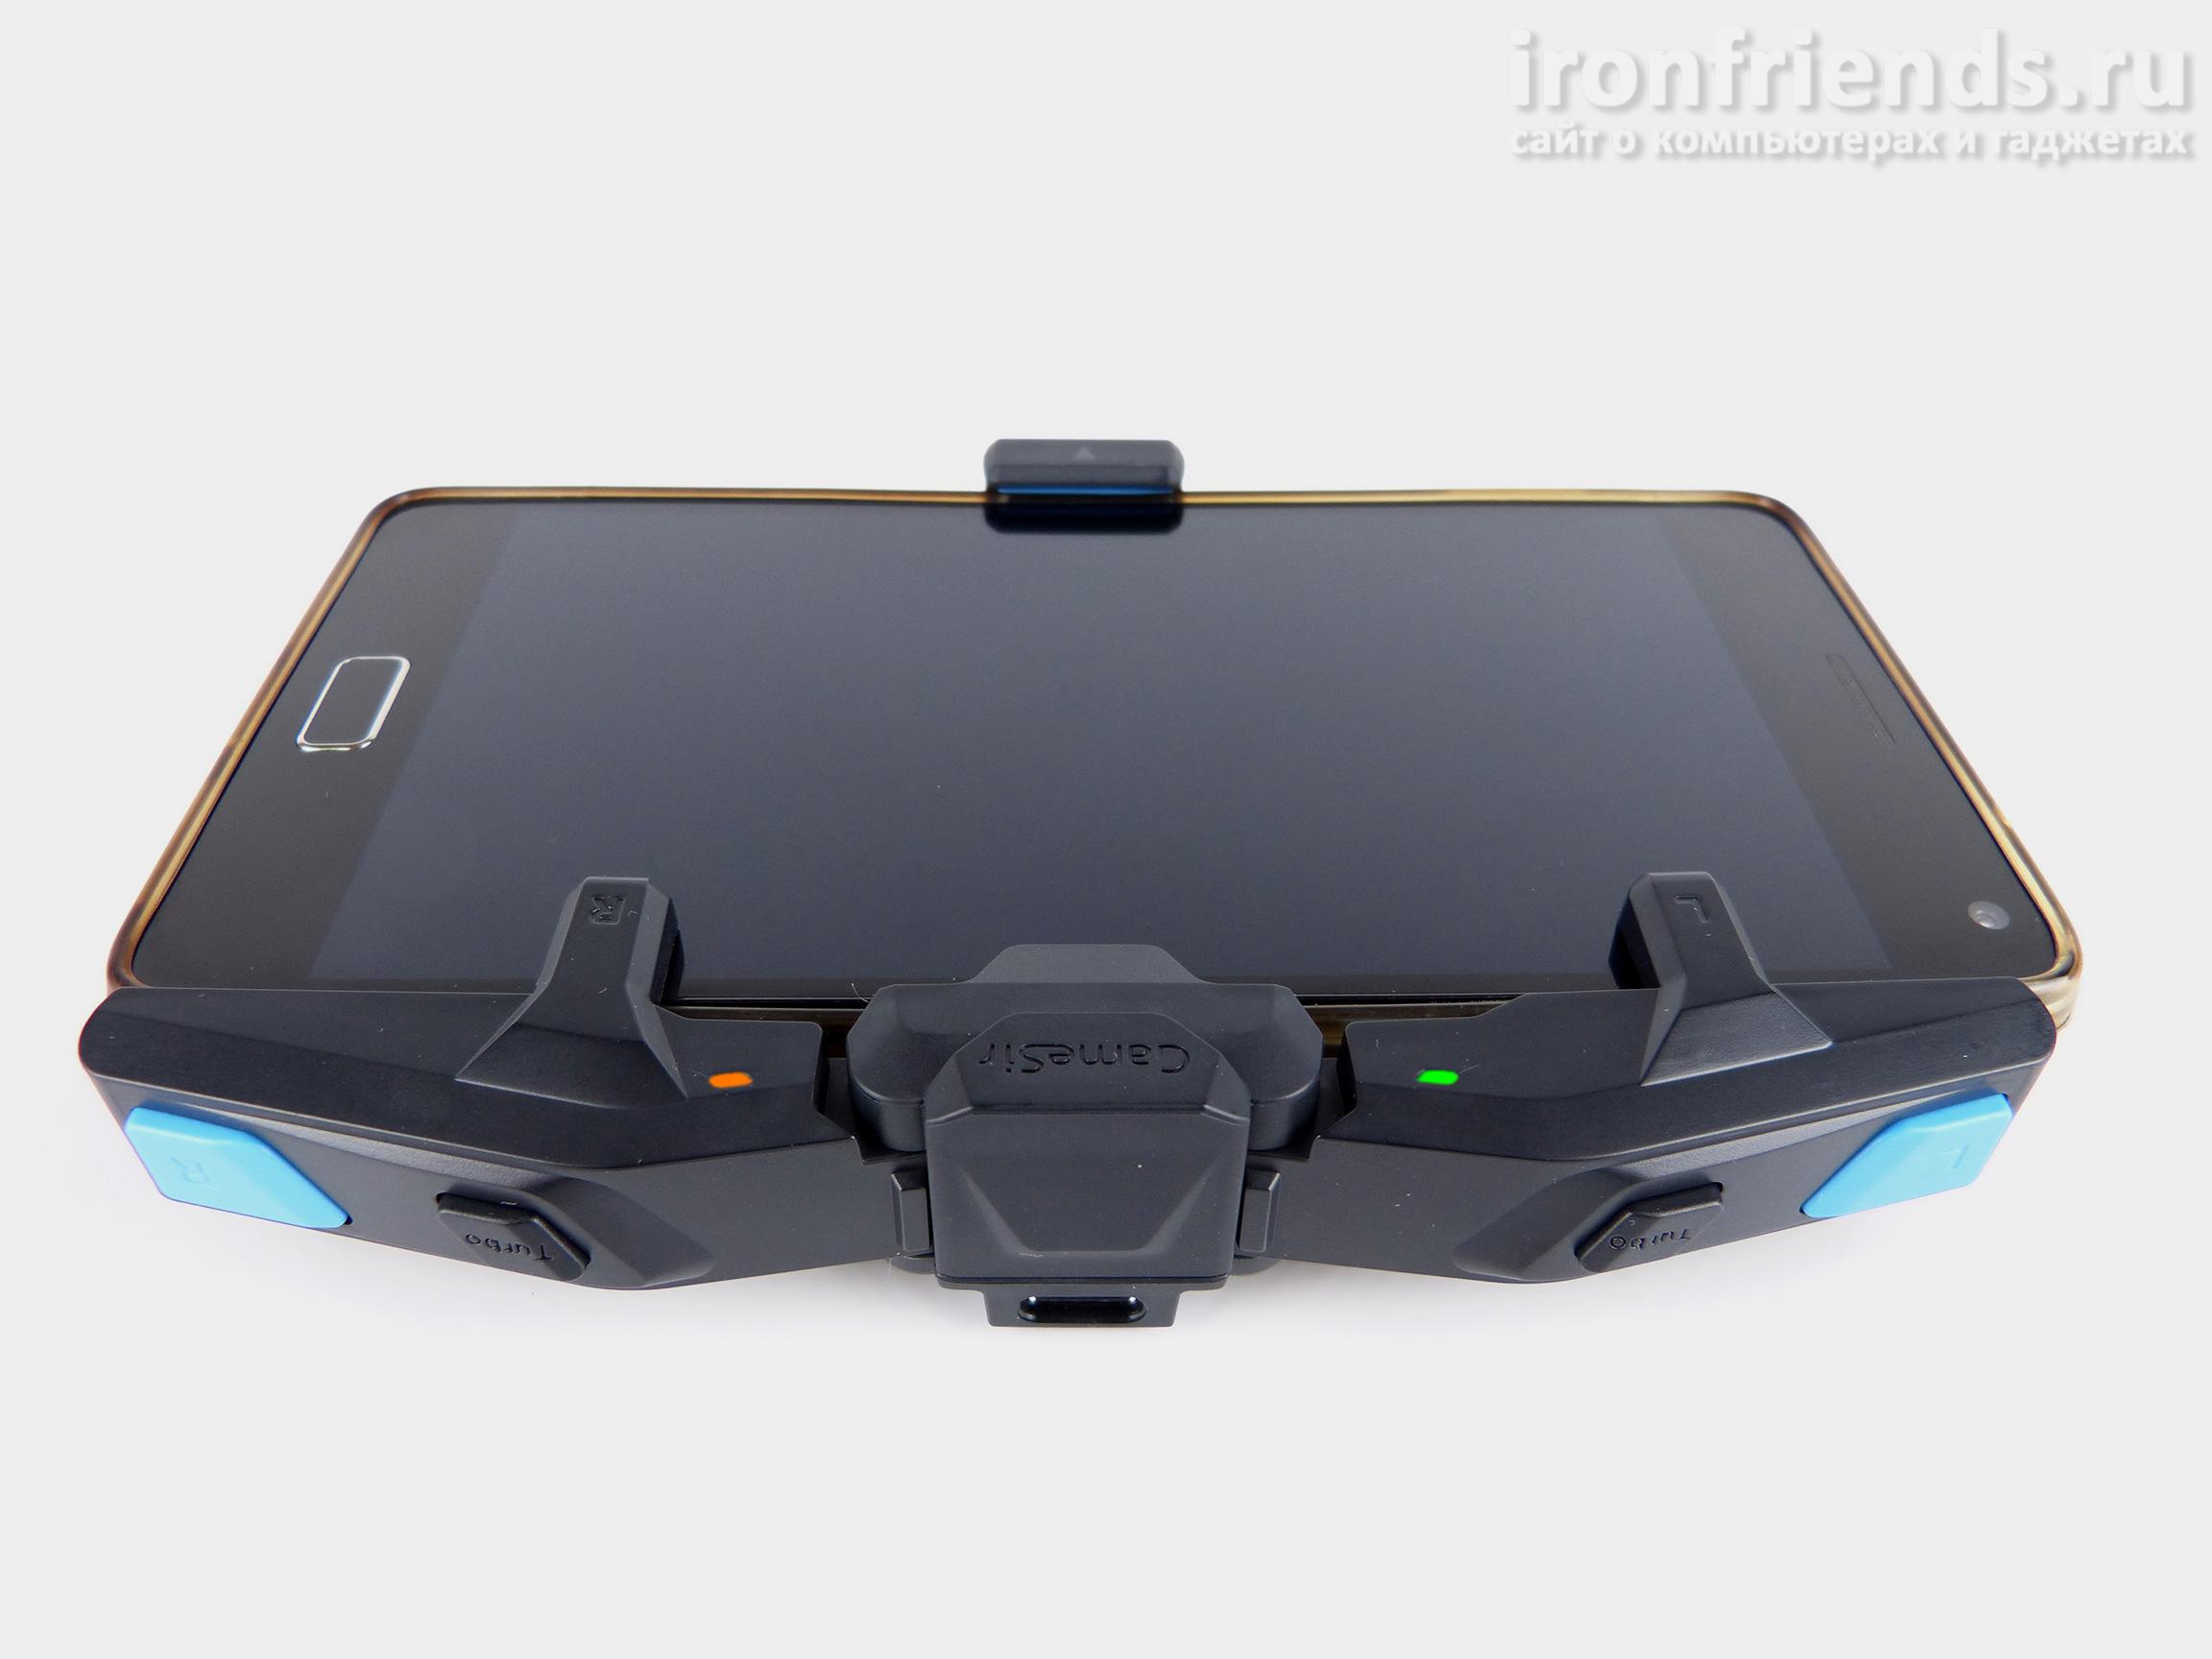 Игровой контроллер GameSir F4 Falcon со смартфоном